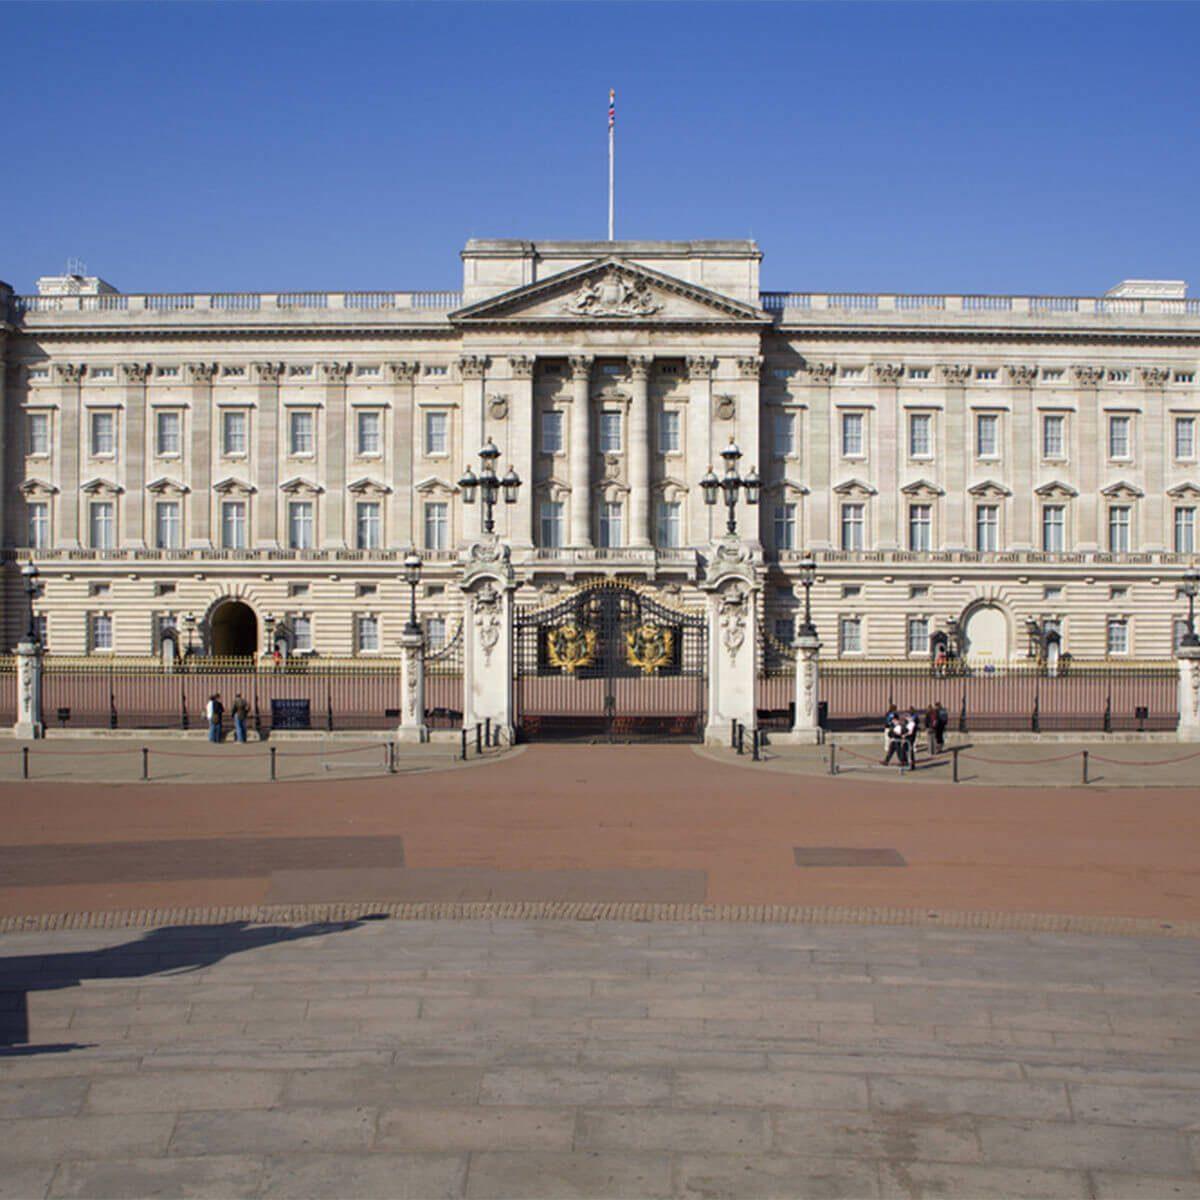 Buckingham Palace British royal family british palaces